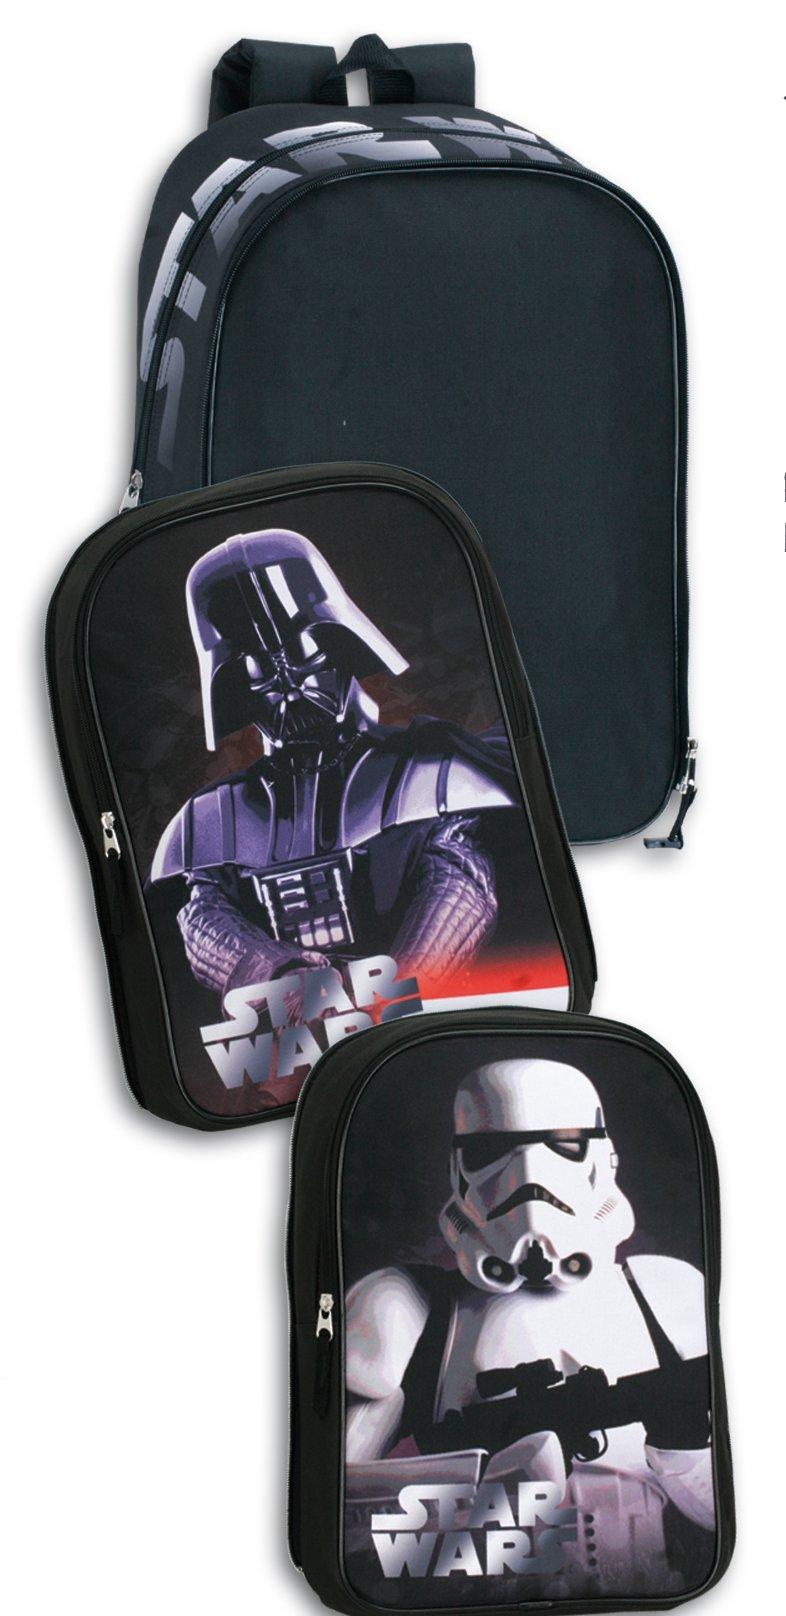 0678f6ec5a Τσάντα   Τσάντα δημοτικού ·   Star Wars. Χαρακτηριστικά